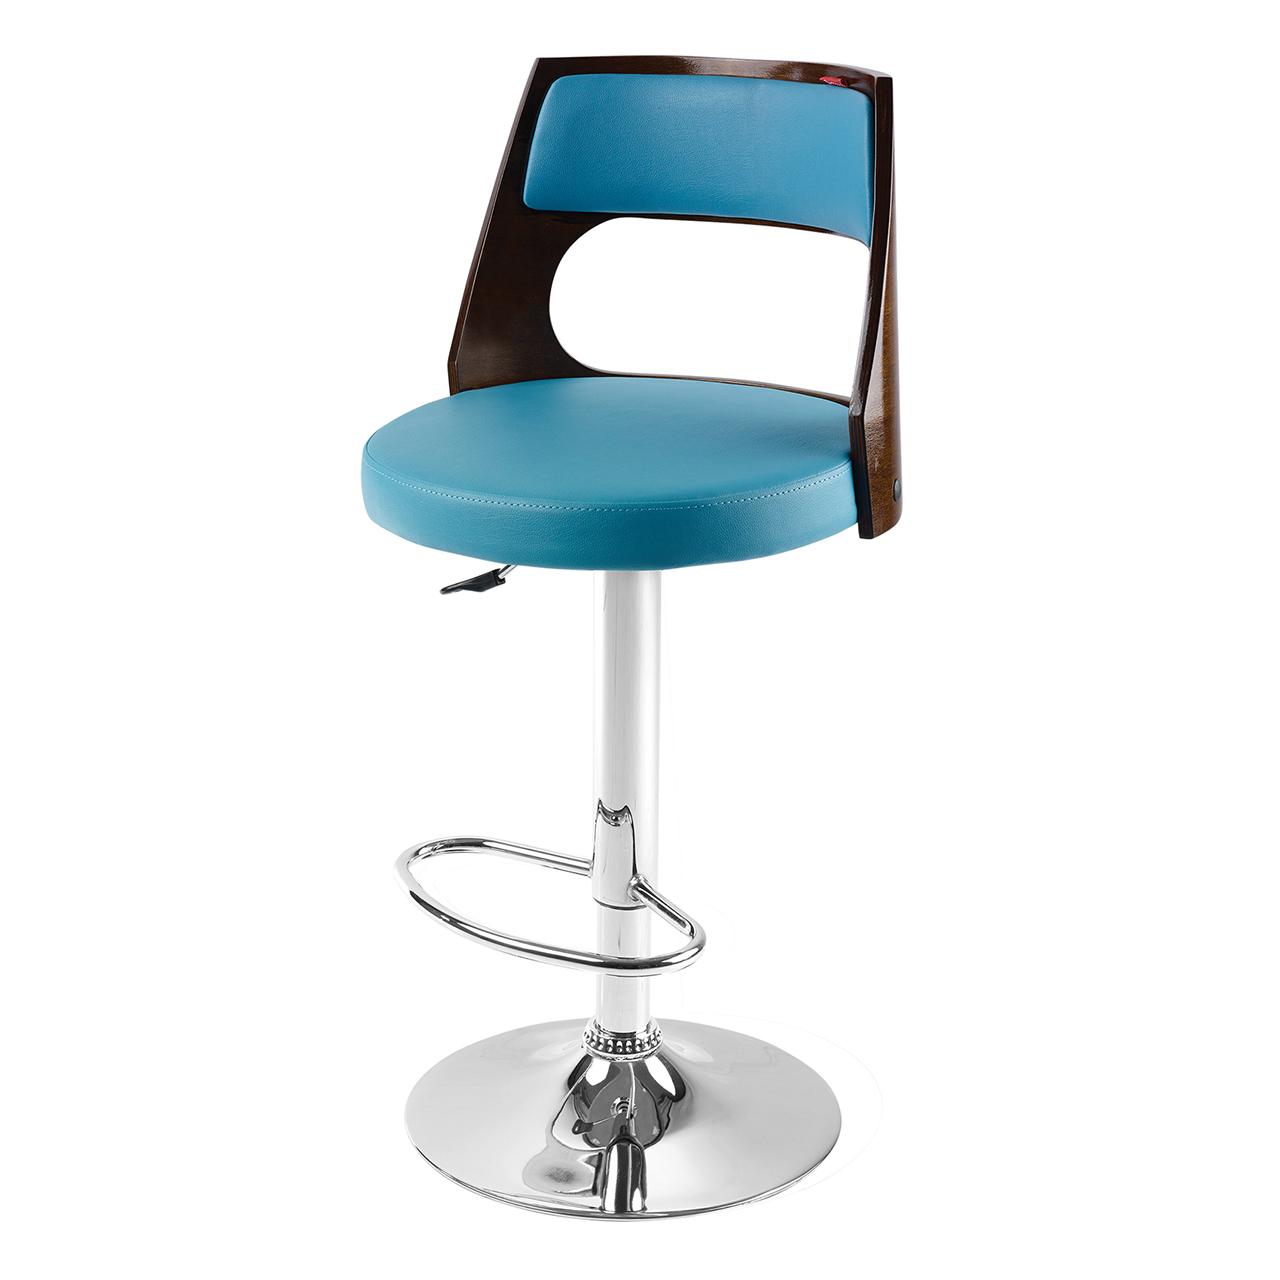 صندلی اپن طرح چوبی مدل BH330